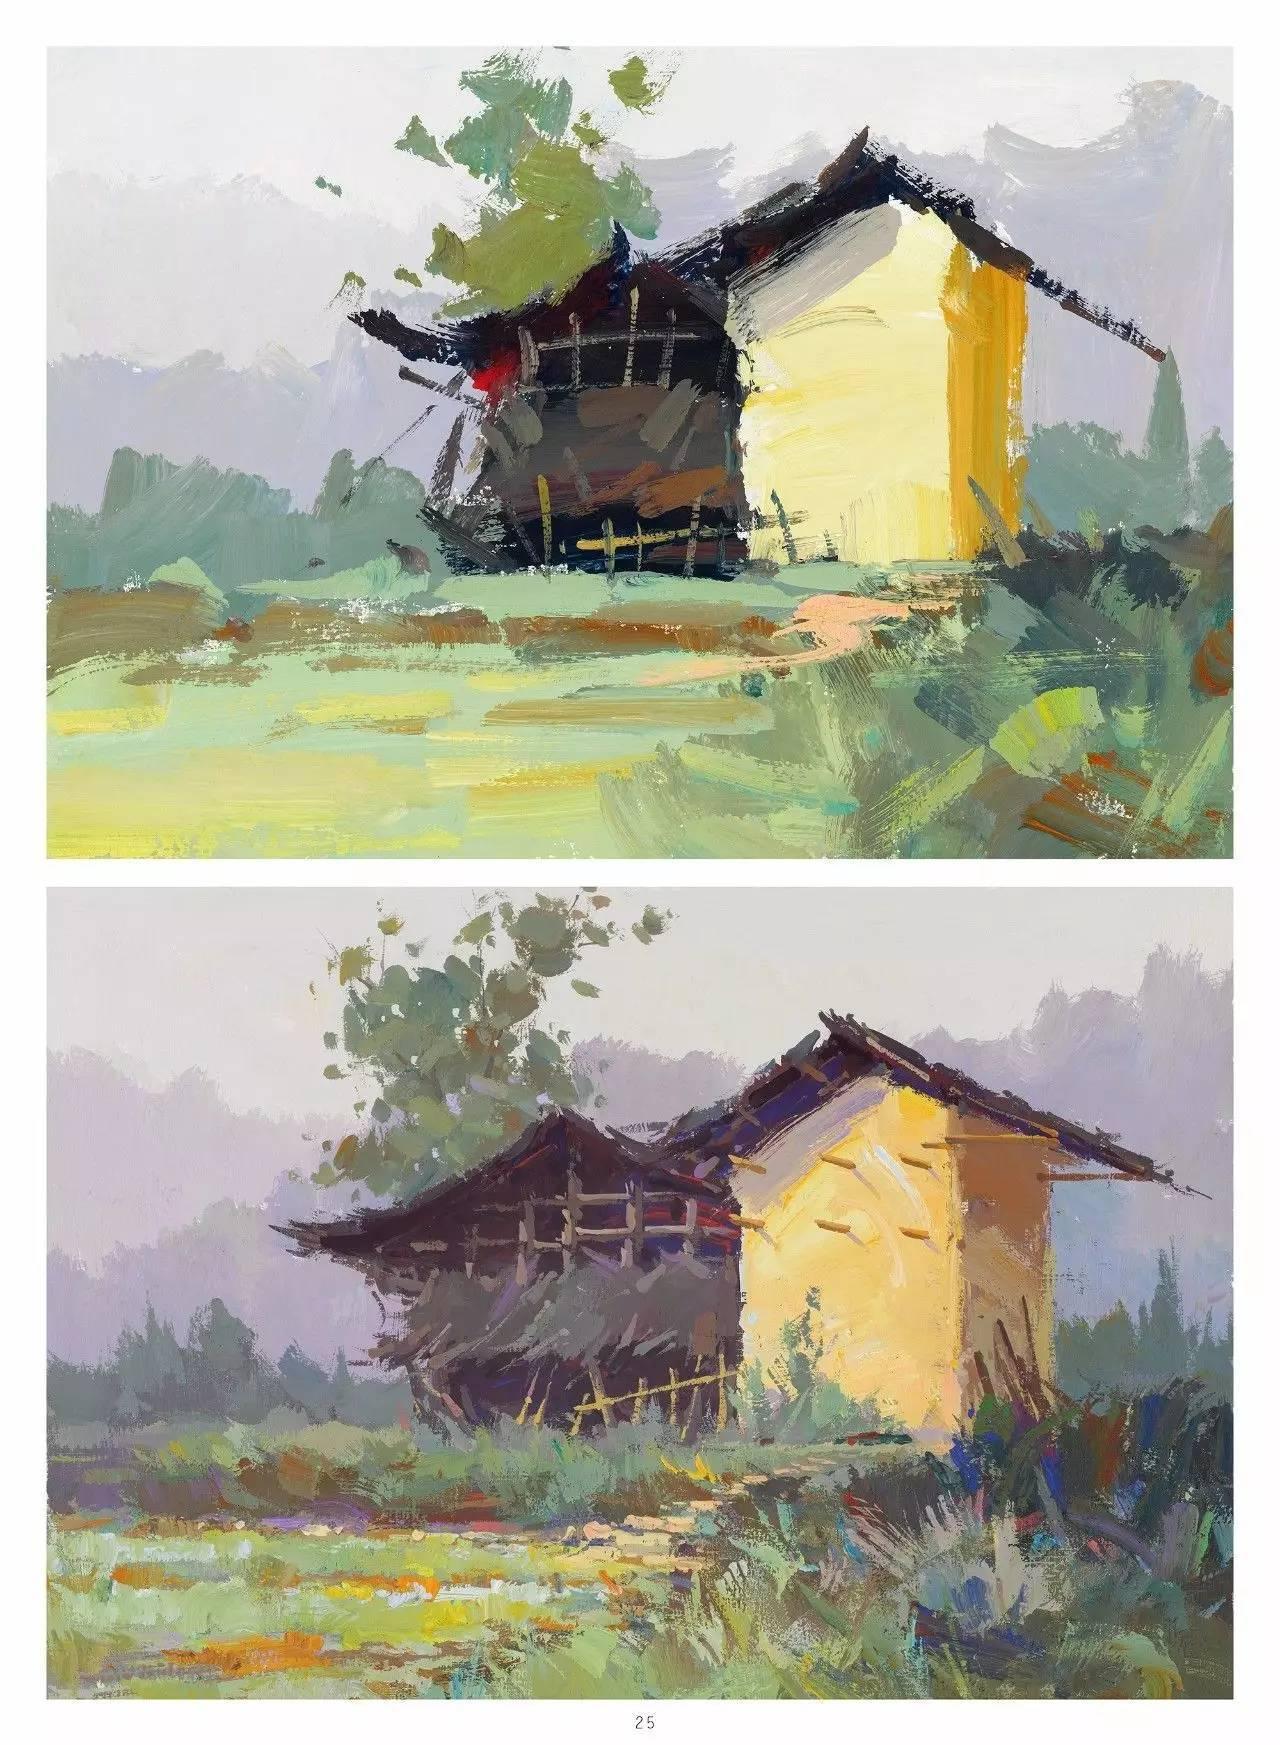 色彩风景画_——刘大锦 《对画——色彩风景》